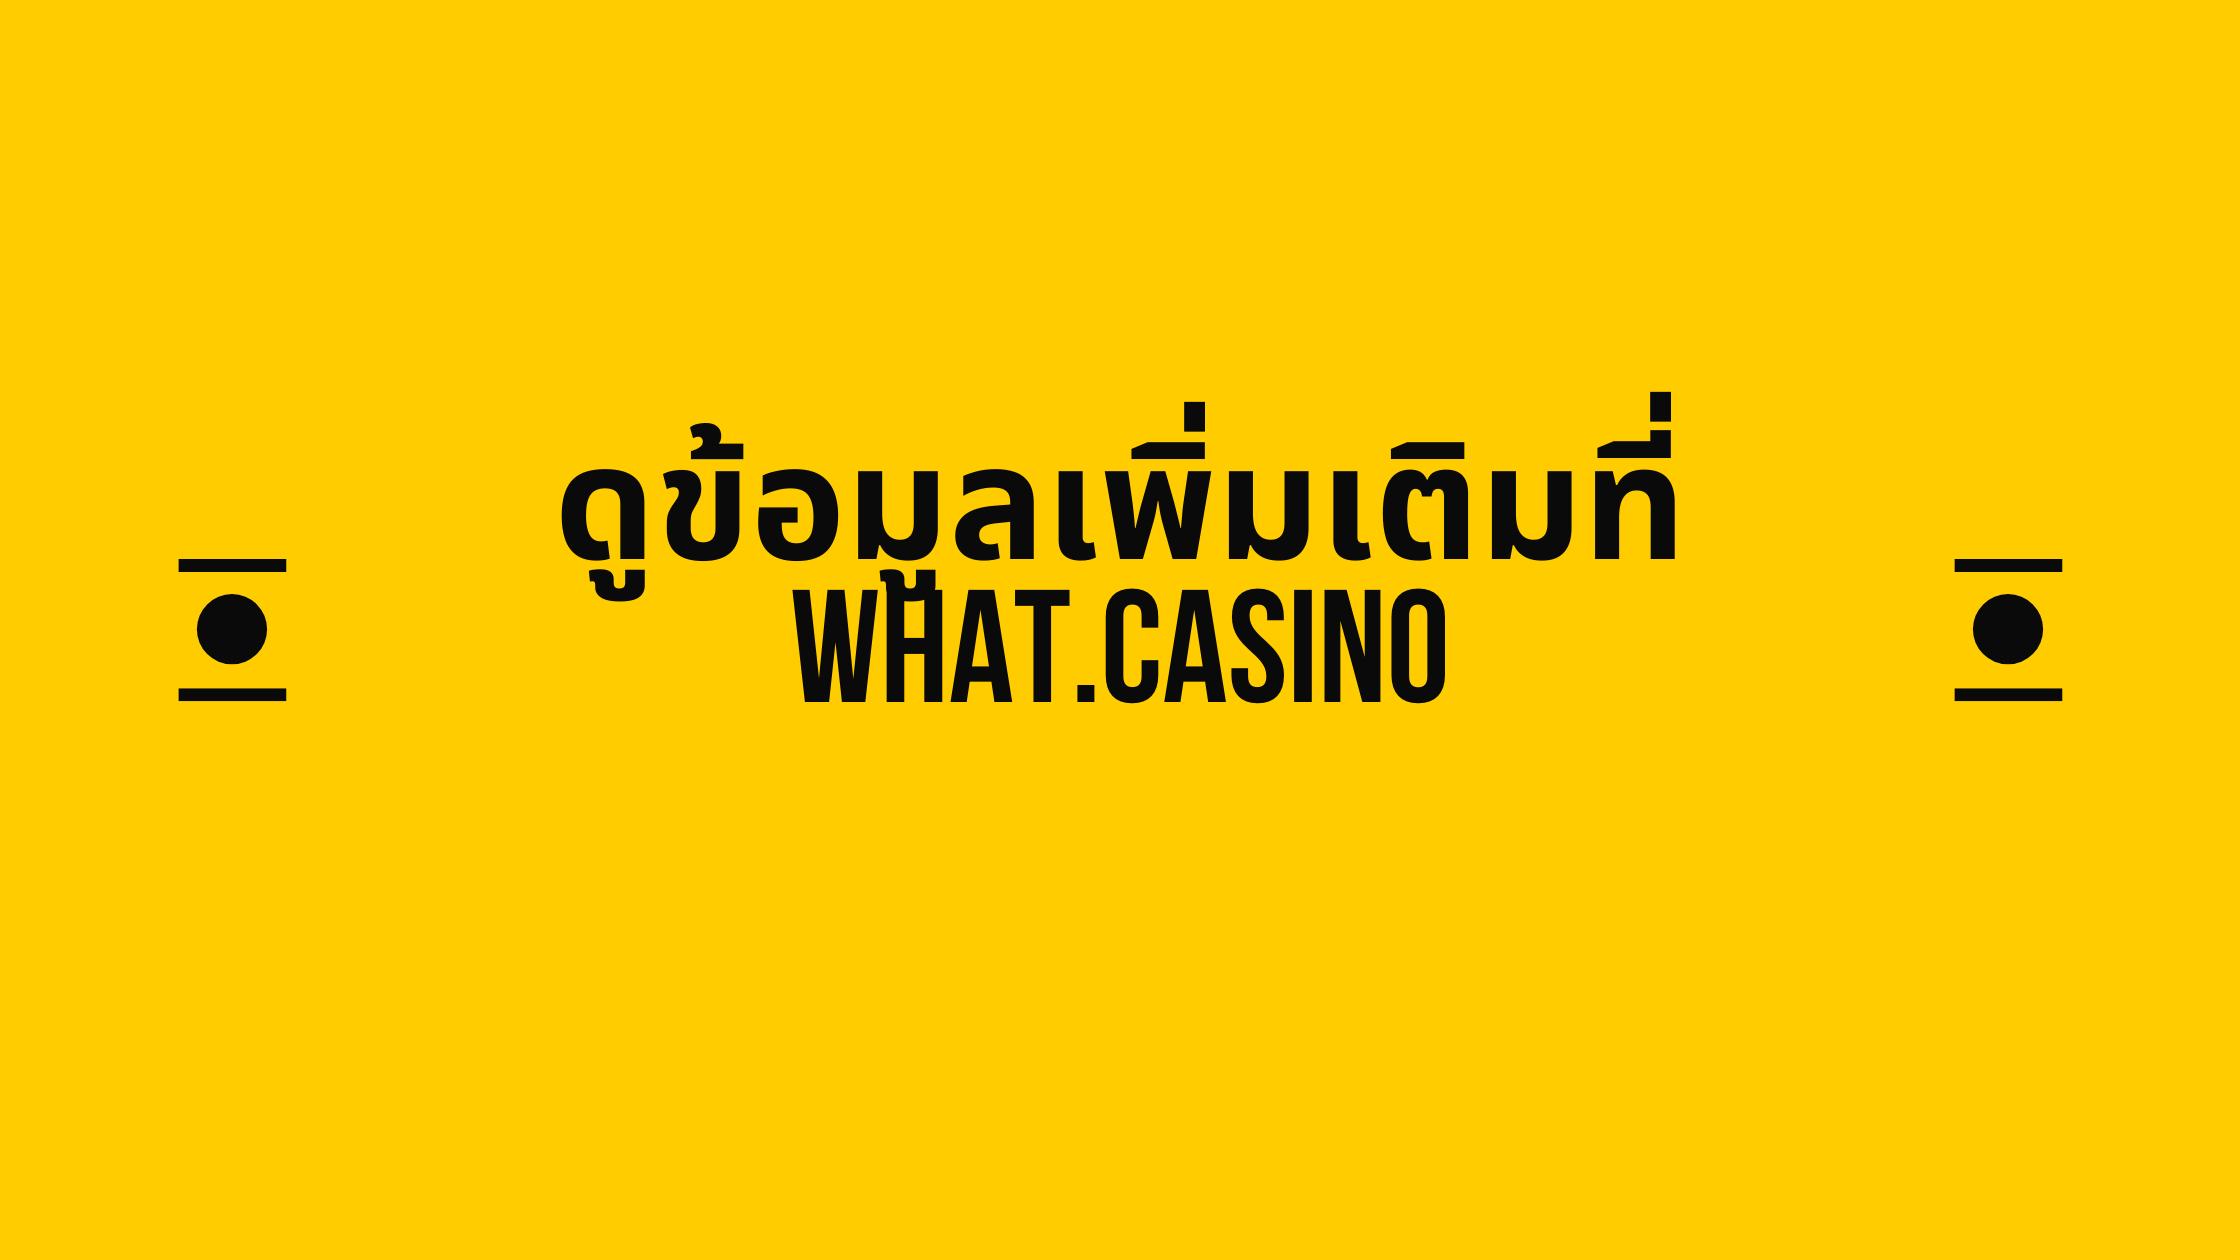 ดูข้อมูลเพิ่มเติมที่ what.casino